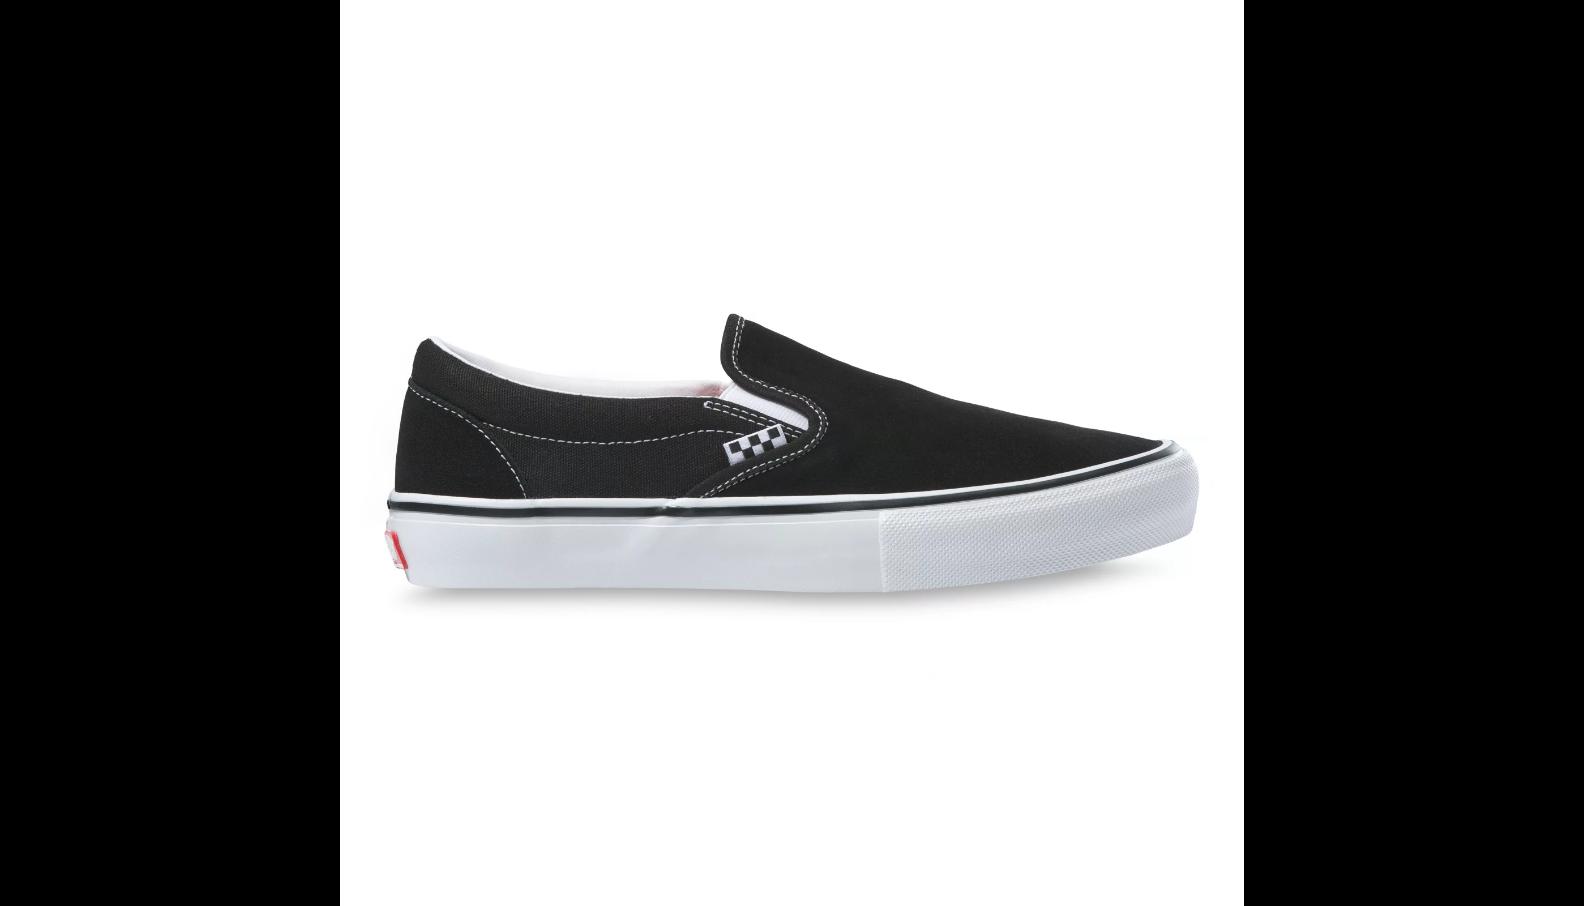 Vans Skate Slip-On - Black/ White